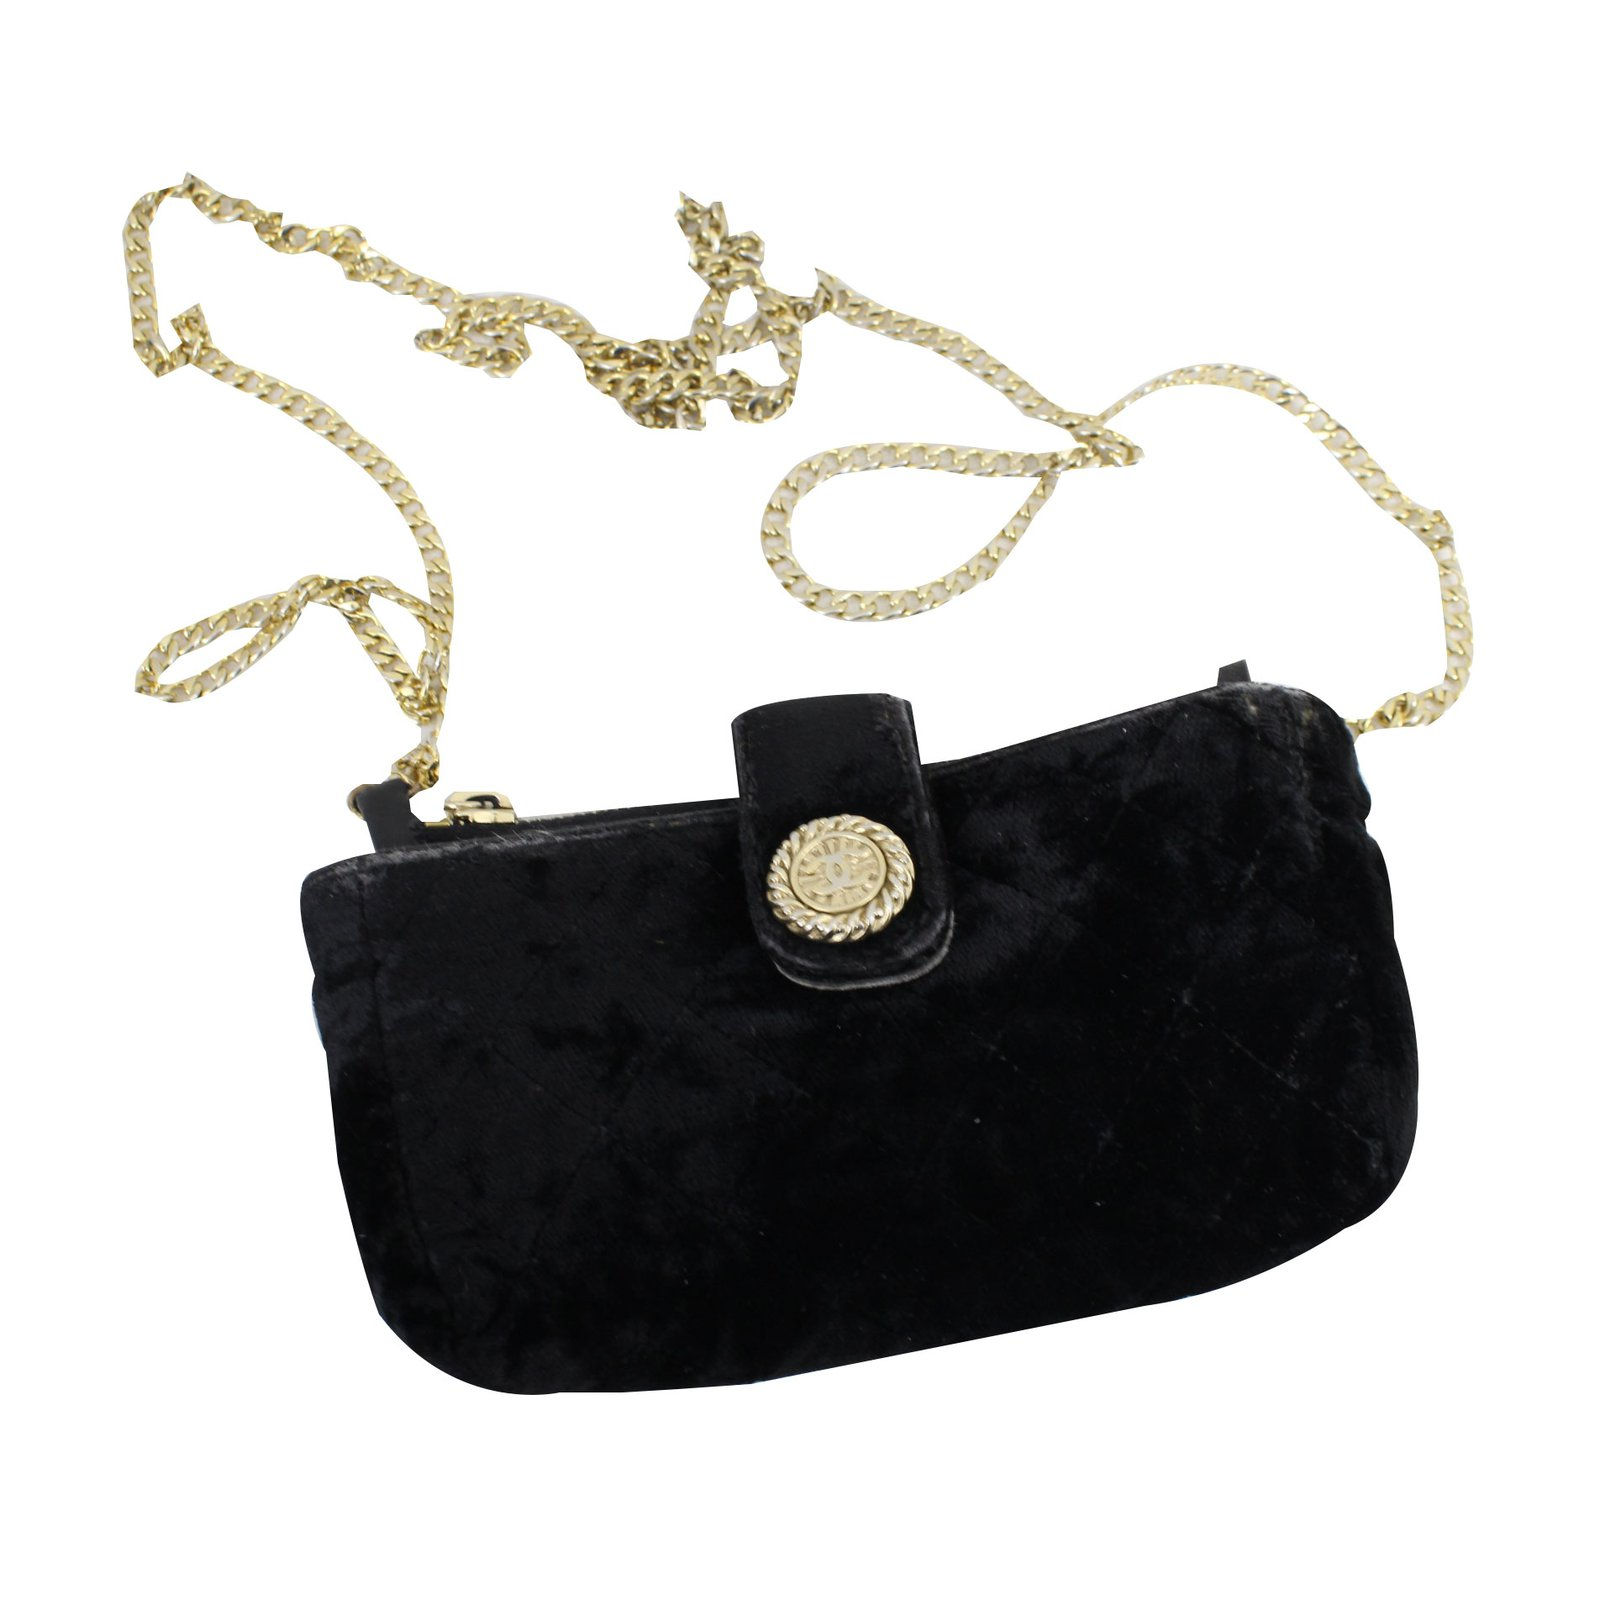 912c3f892513 Chanel Handbags Handbags Velvet Black ref.53140 - Joli Closet